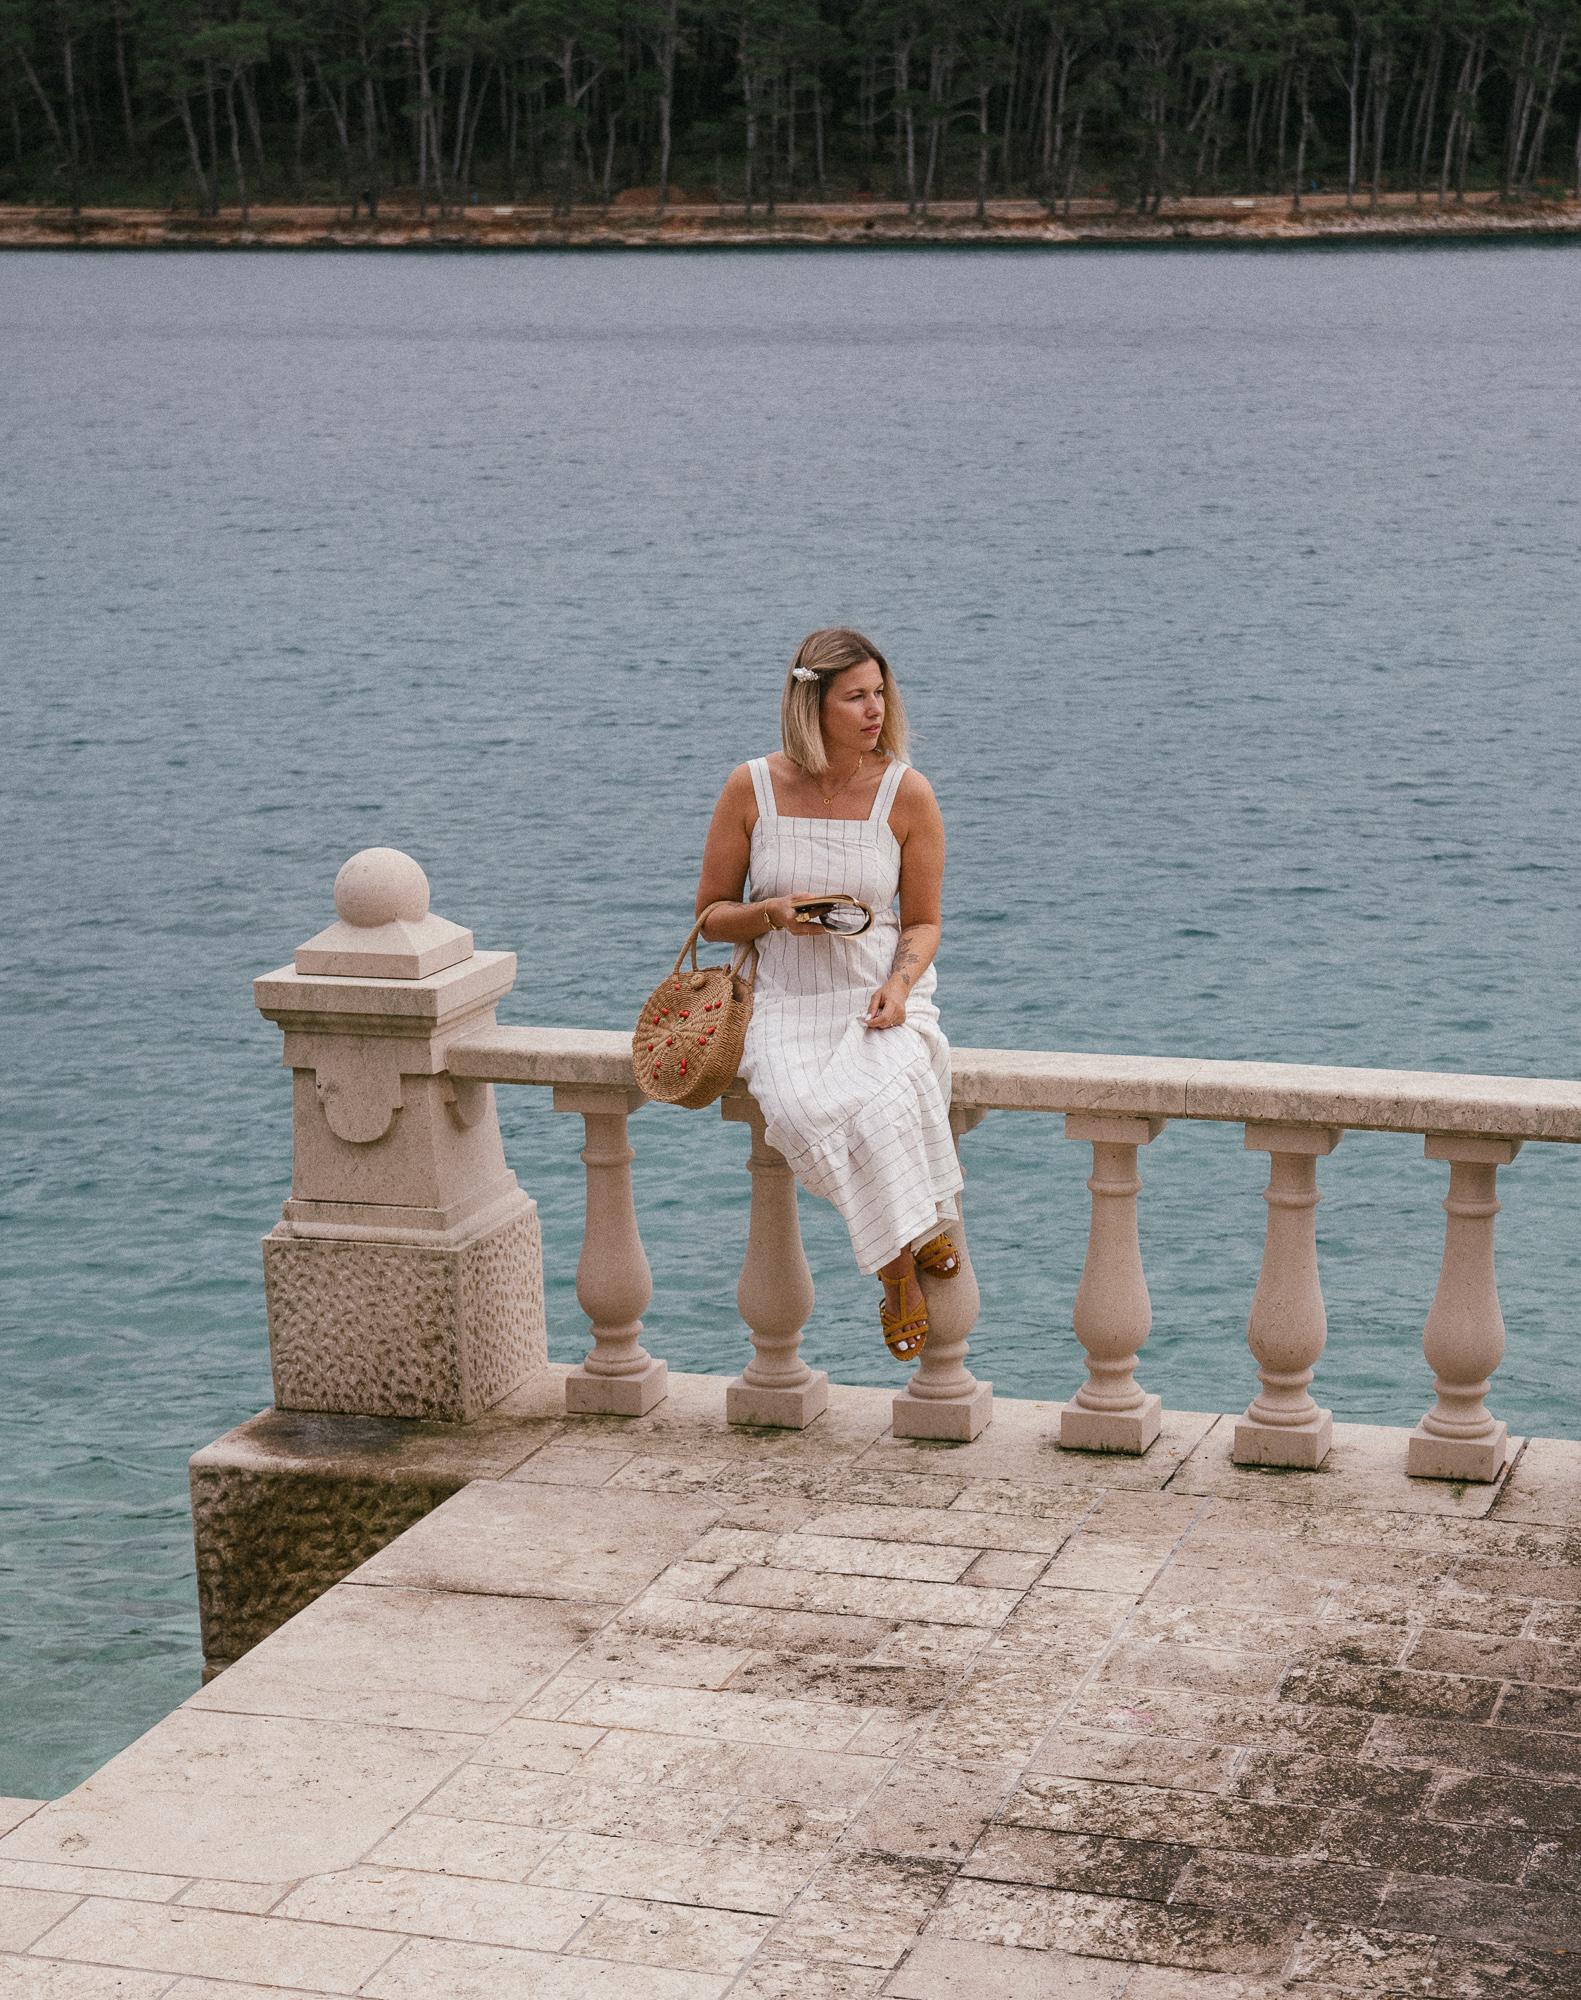 Image for Stylisch unterwegs: Sommer Outfits & Bademode für den Urlaub!